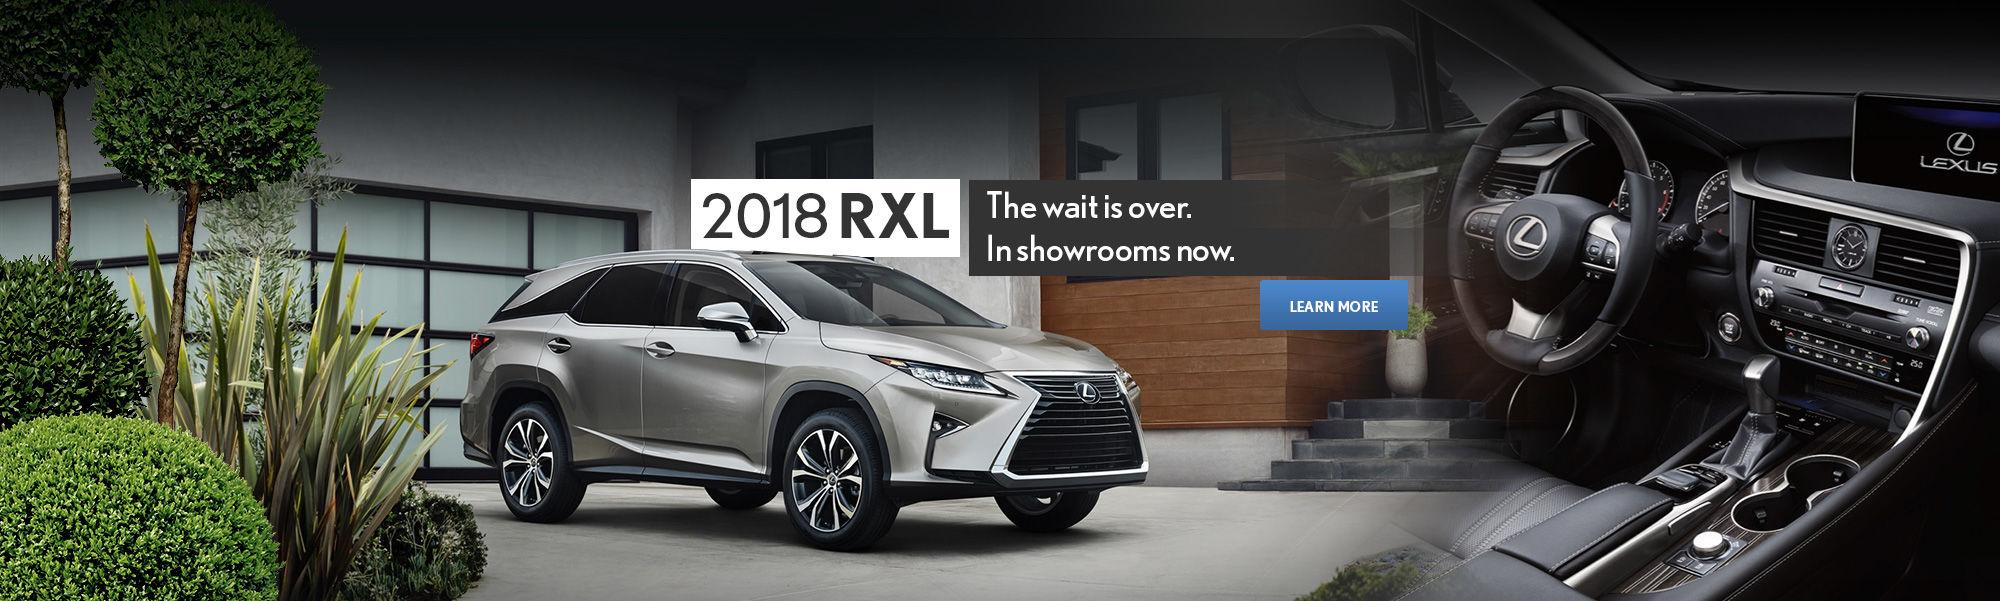 2018 RXL